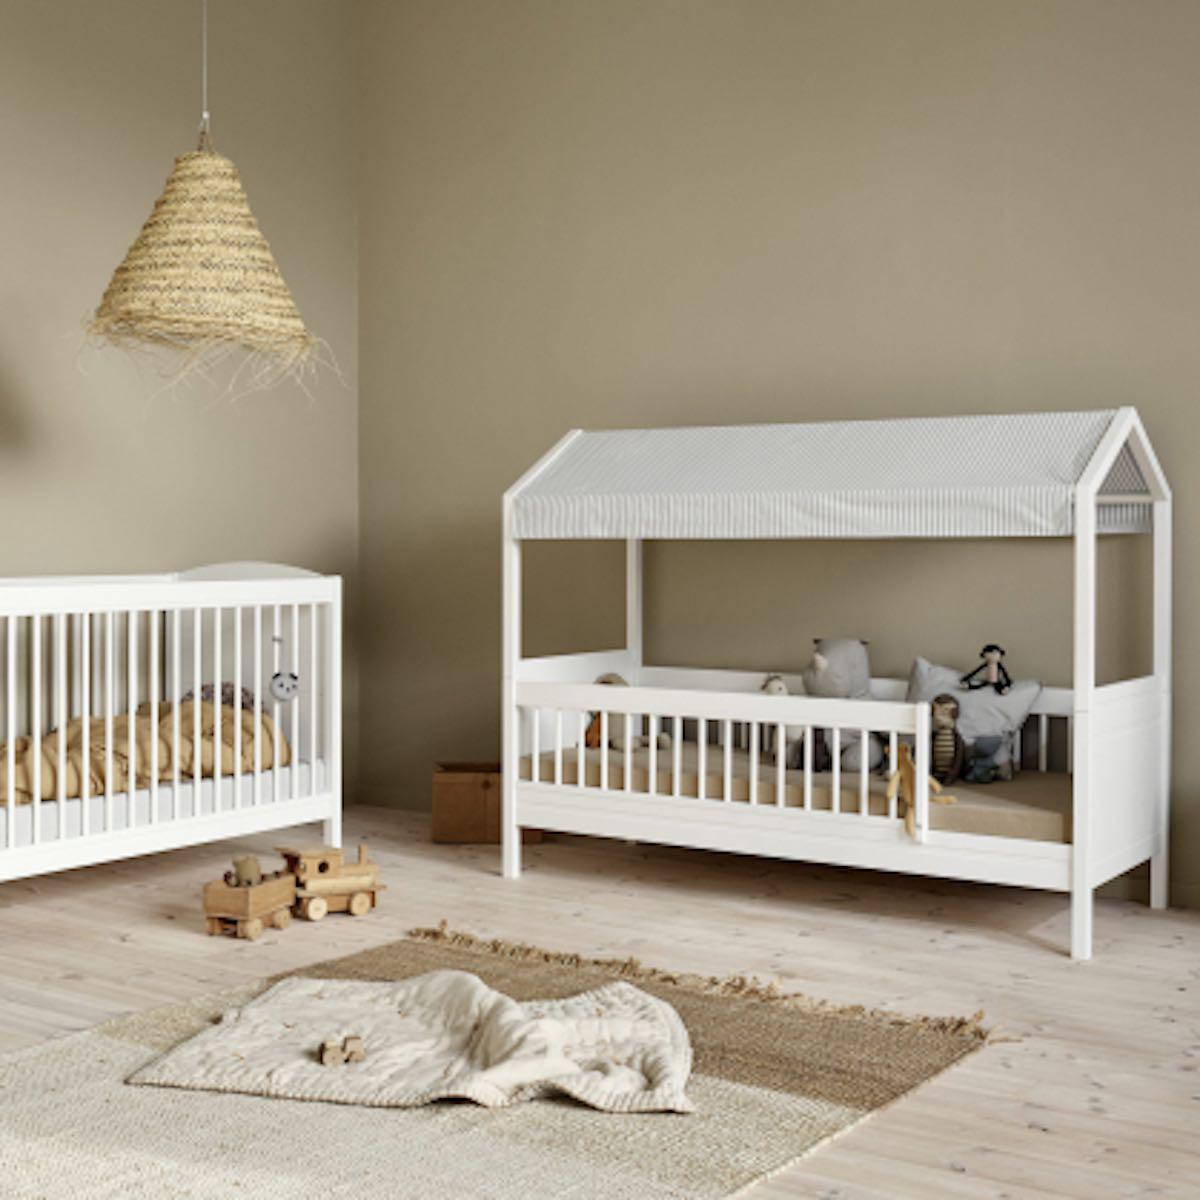 Lit banquette évolutif 68x168cm SEASIDE LILLE+ Oliver Furniture blanc